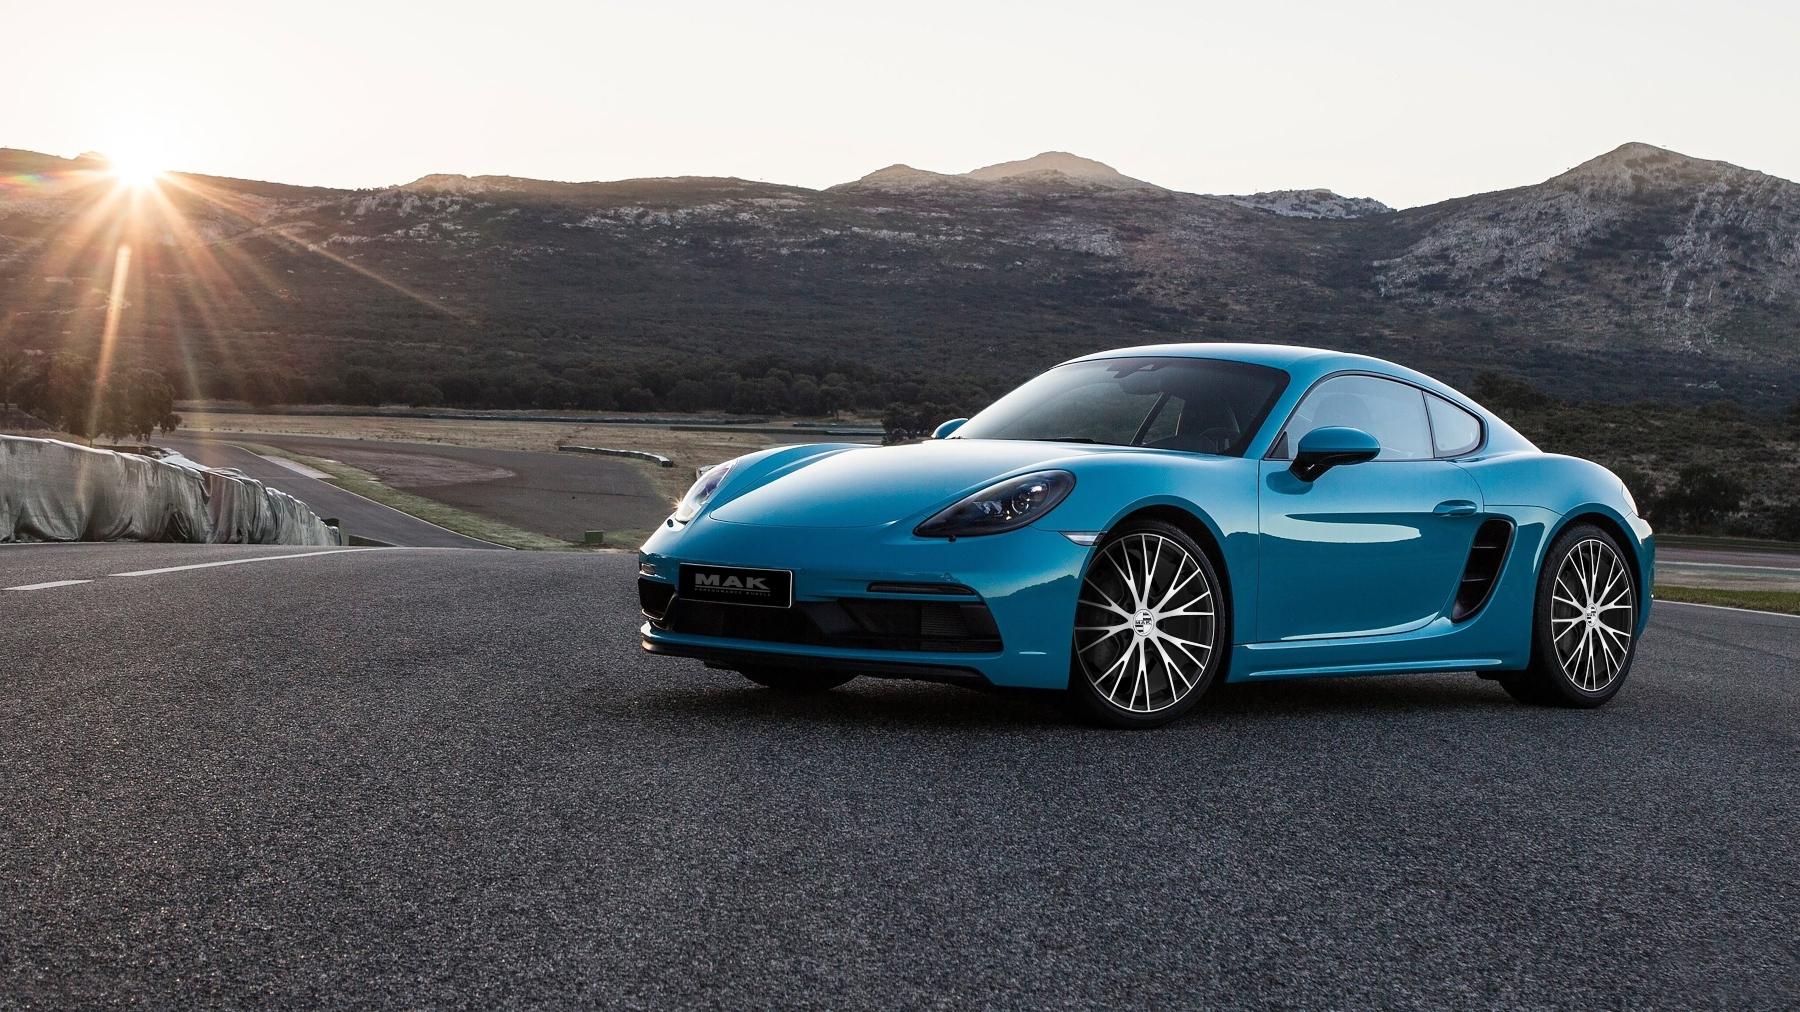 Blog Mak Wheels For Porsche A Guide To Mak S Dedicated Porsche Wheels